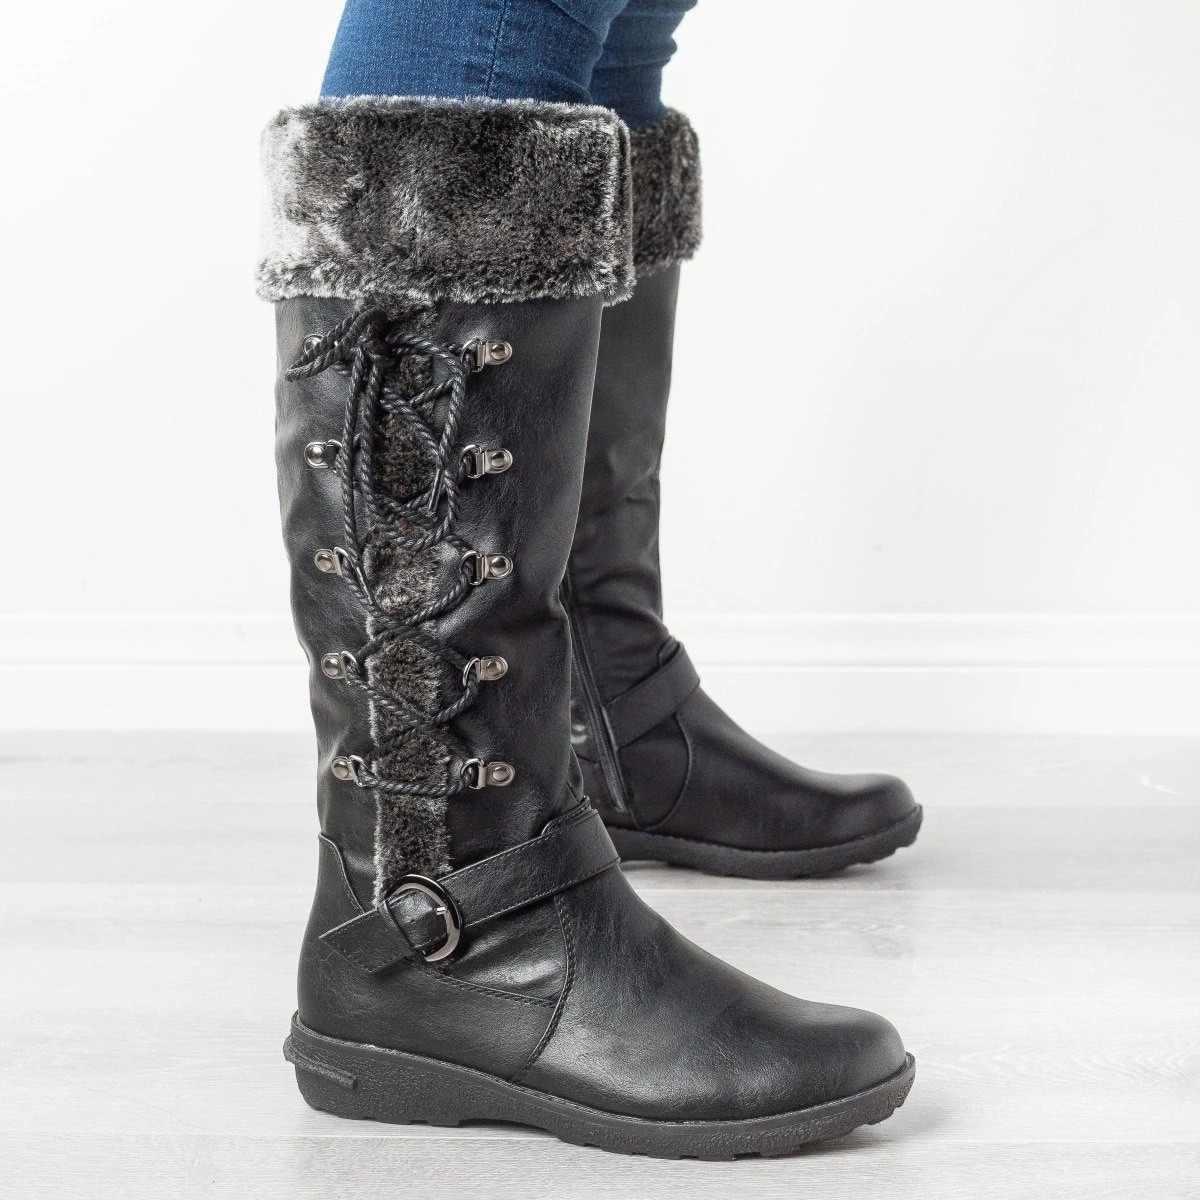 SFIT kobieta koronka-Up wysokie buty casual zimowe ciepłe pluszowe Gladiator długie botki Lady gruby obcas platformy Sapatos Feminino